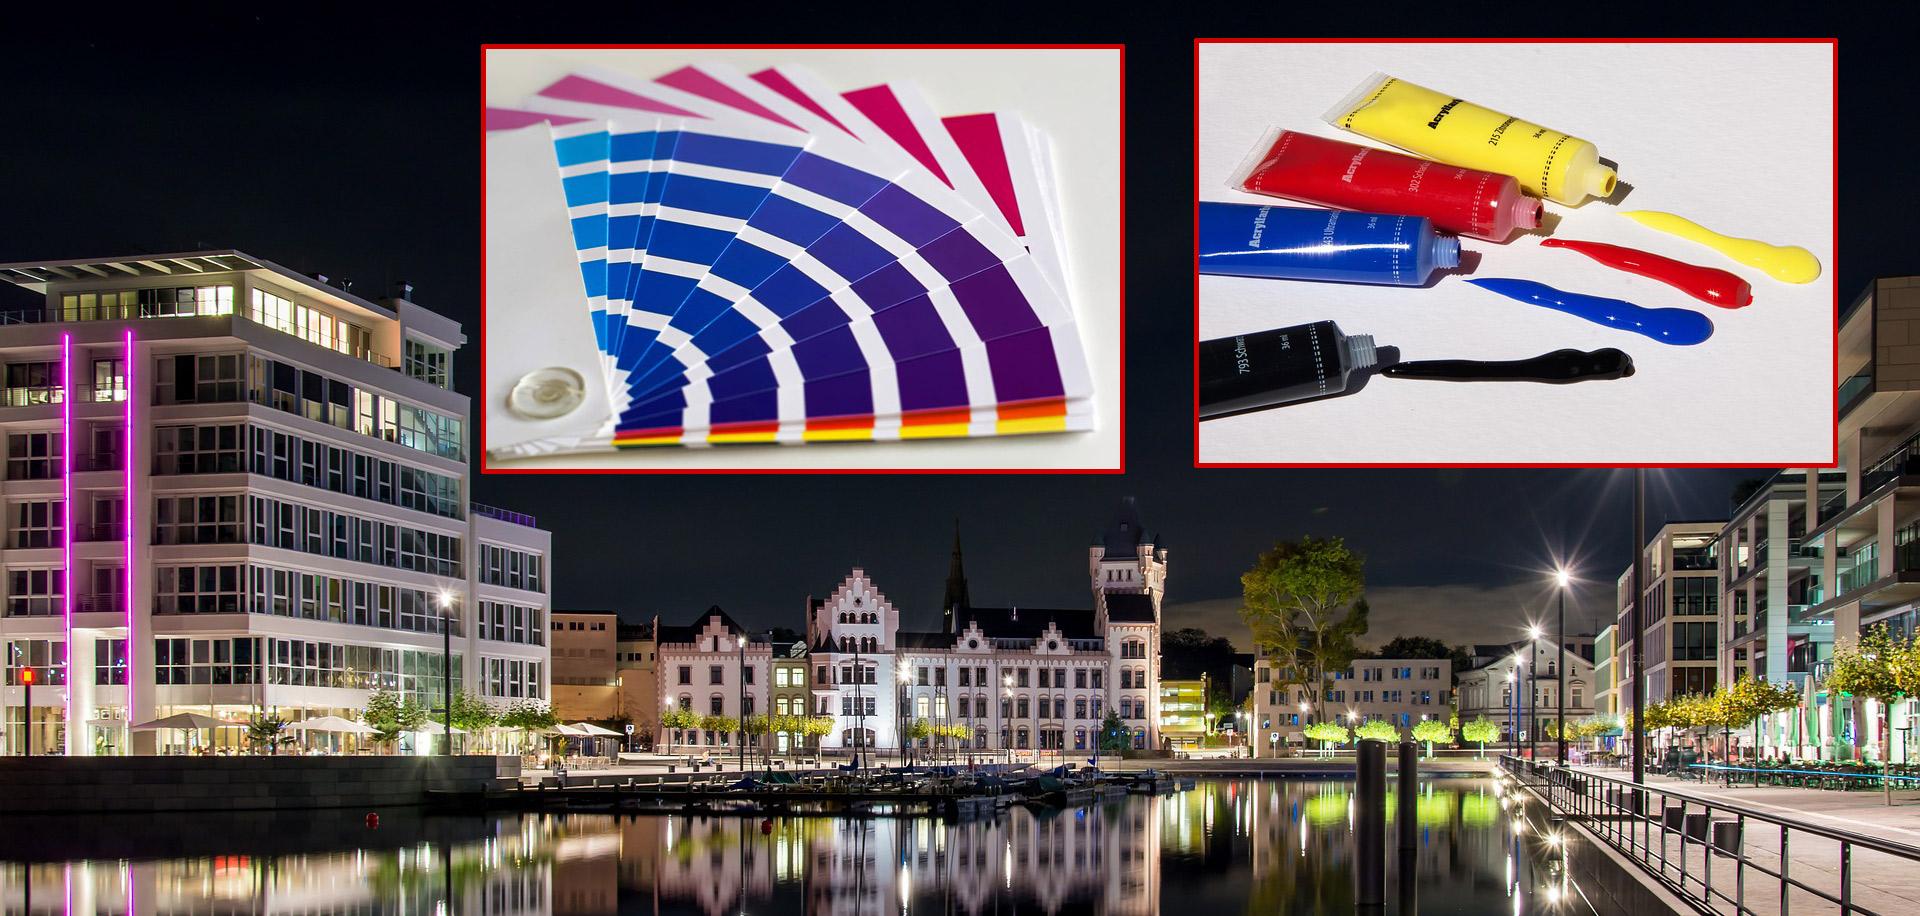 Druckerei Dortmund online drucken lassen